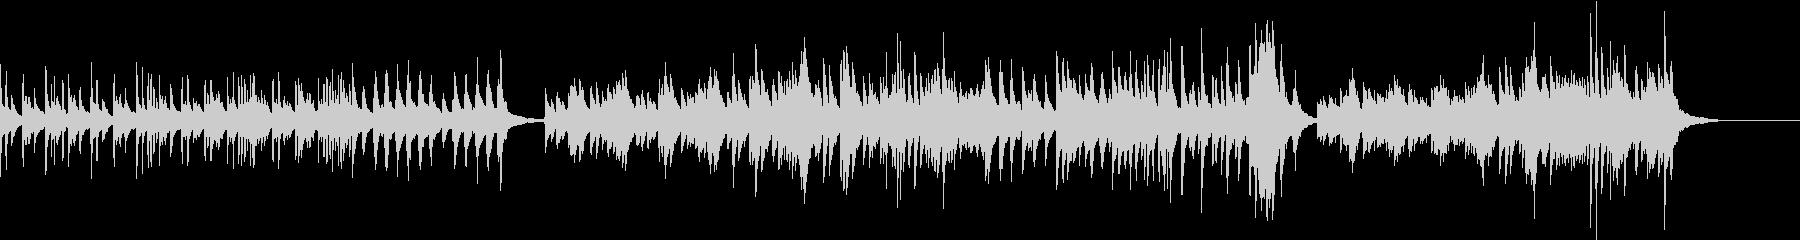 和風で少し切ないテンポ良い琴のソロ曲の未再生の波形